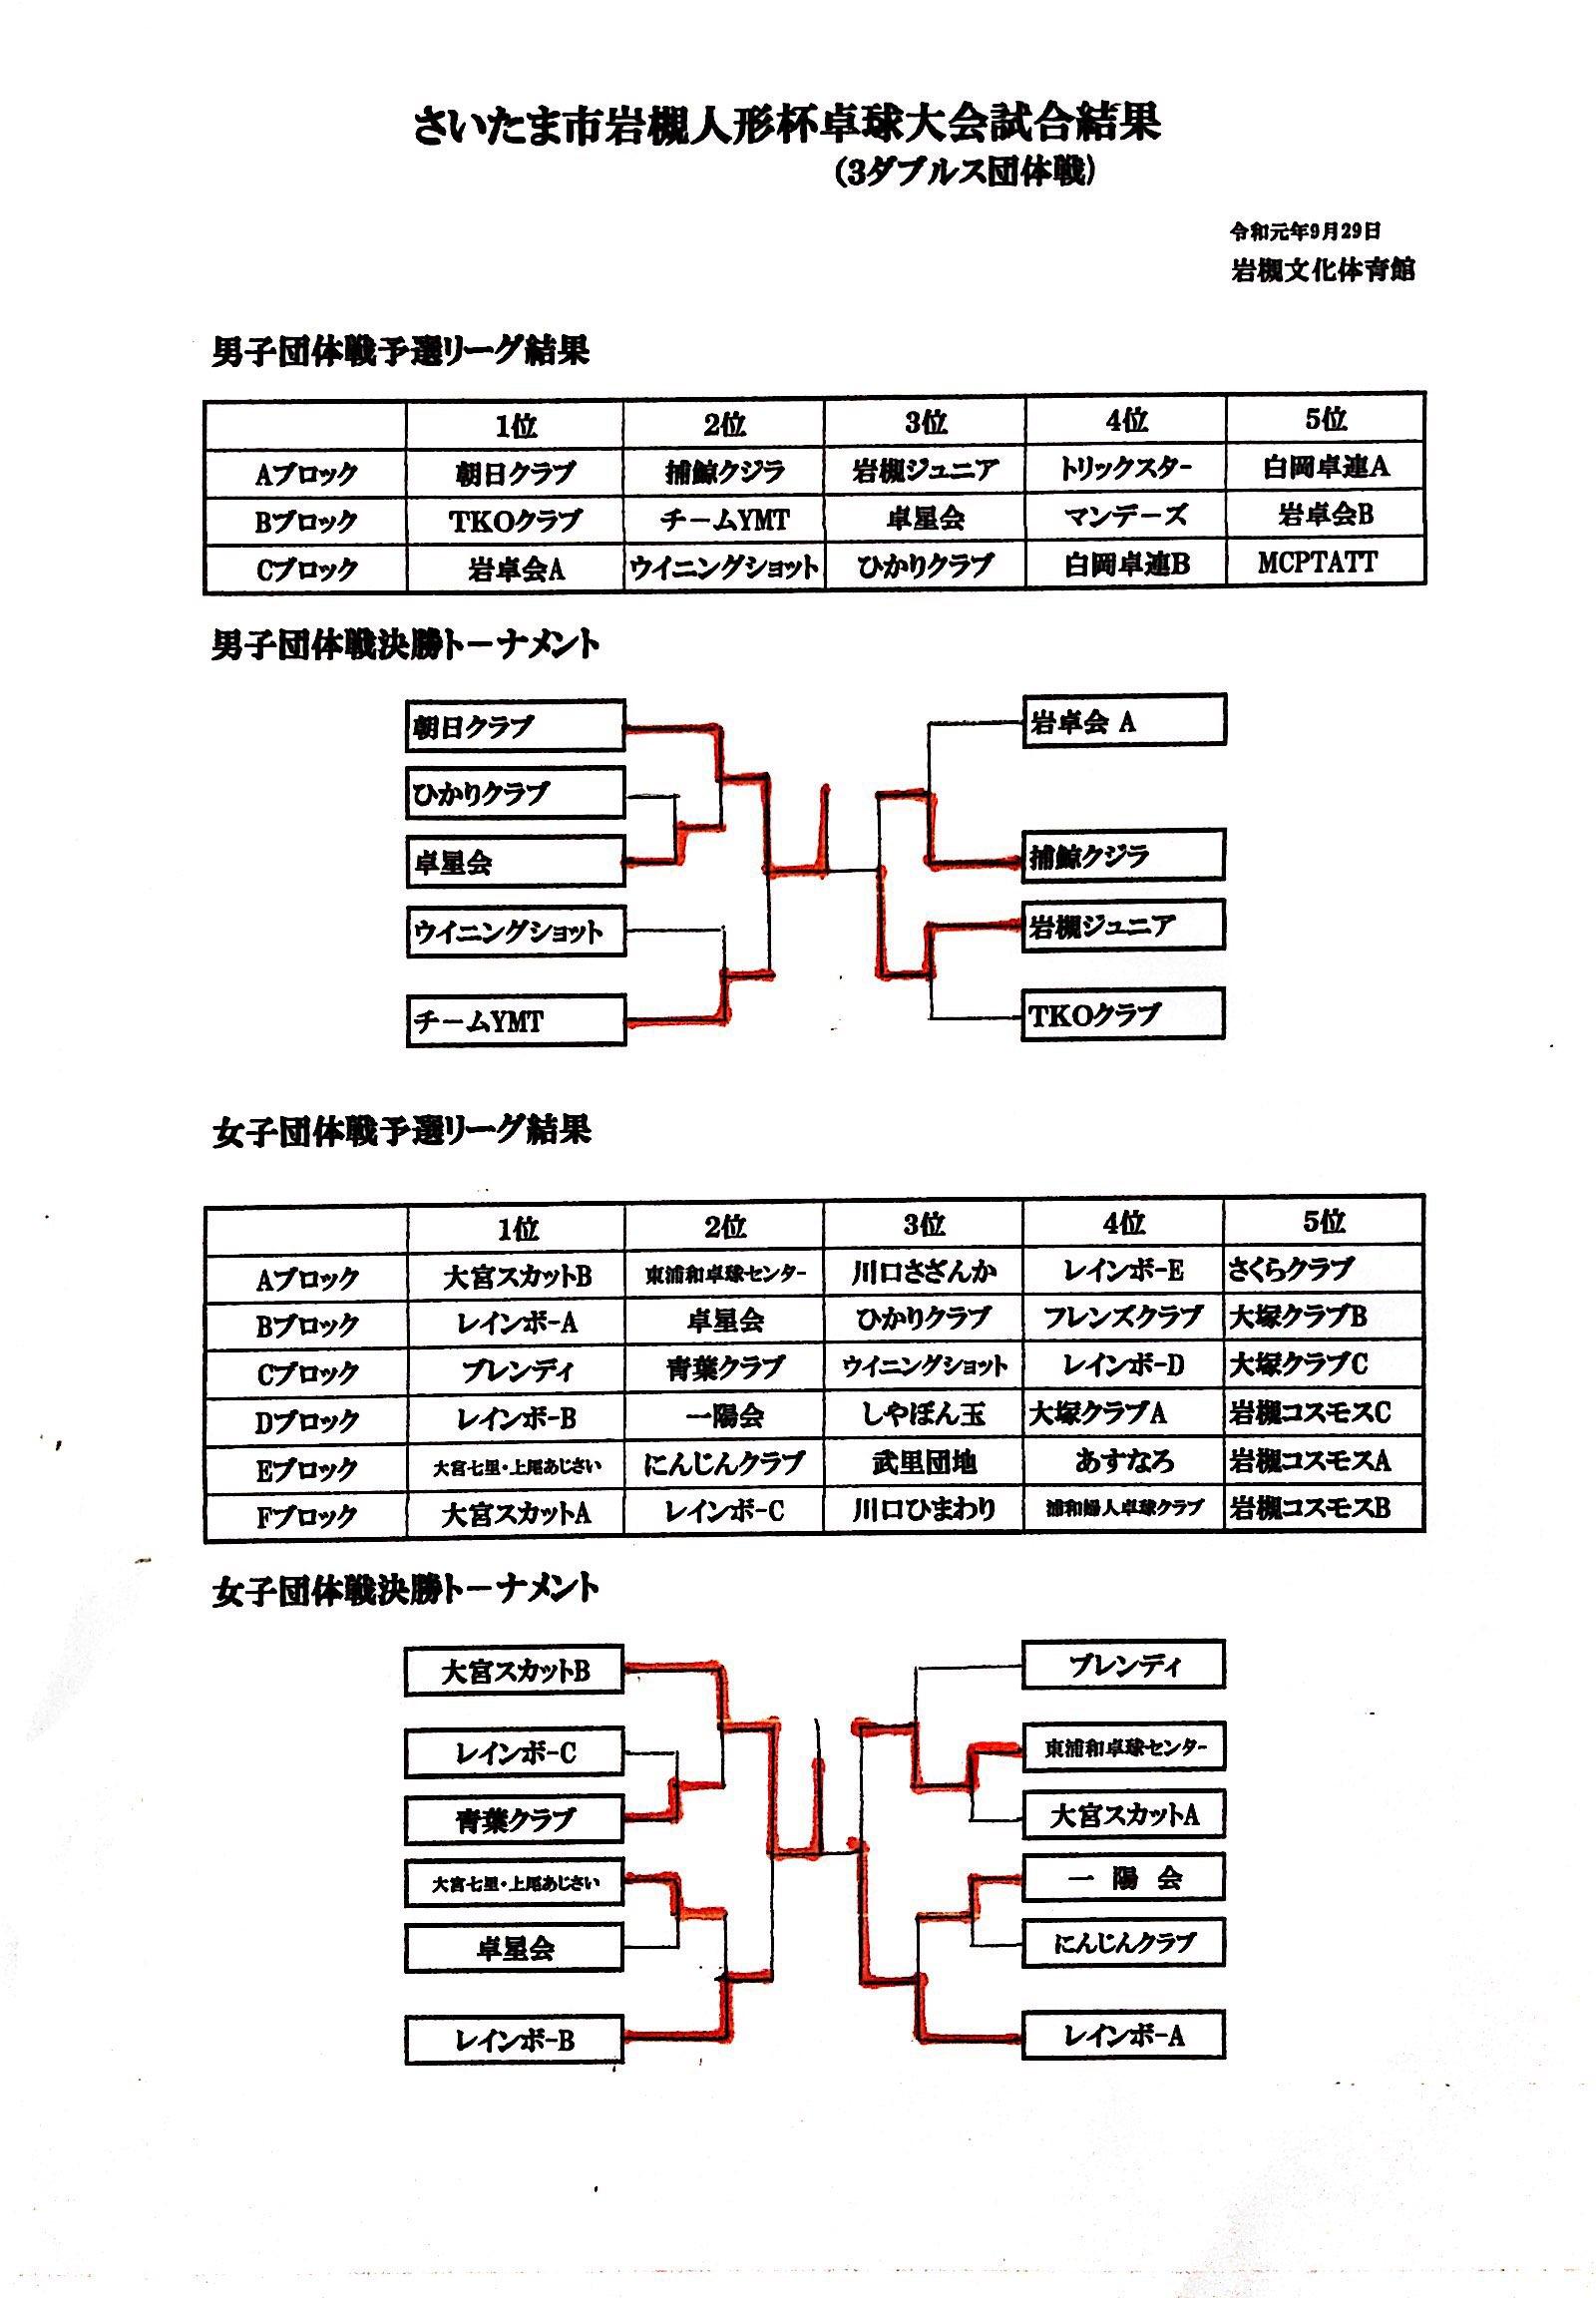 新規ドキュメント 2019-10-21 23.40.01_1